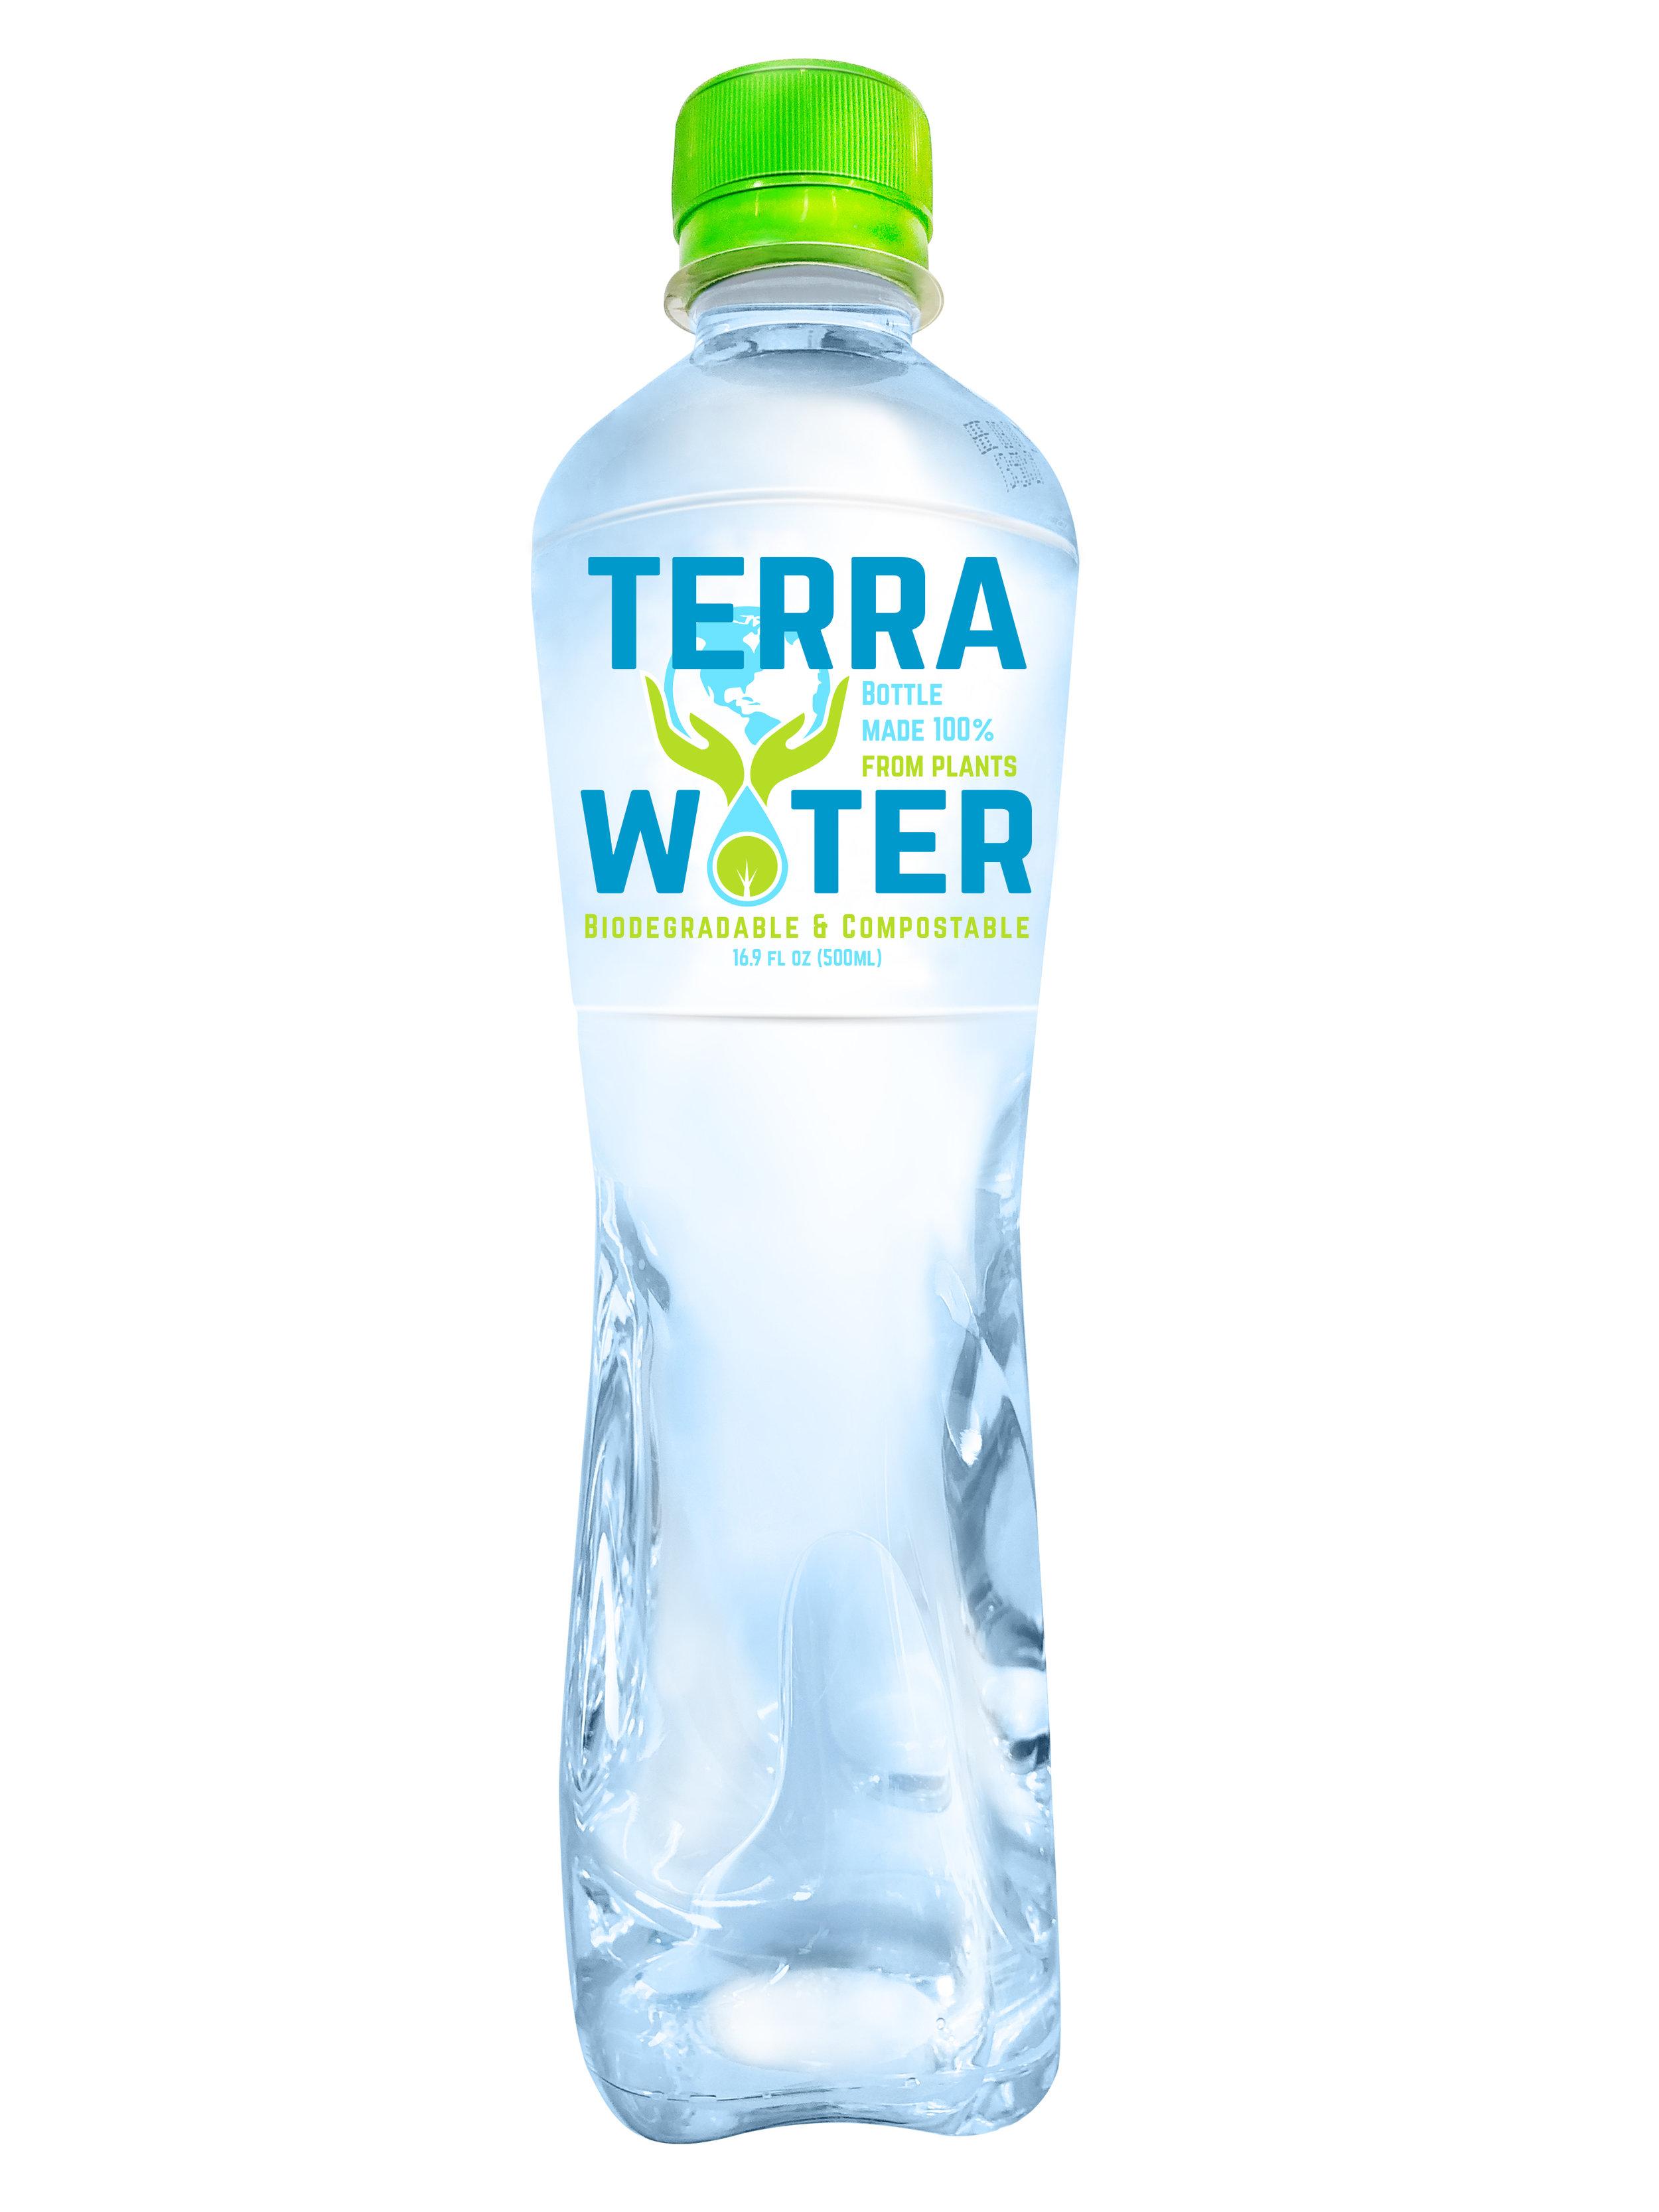 Terra_water_bottle.jpg